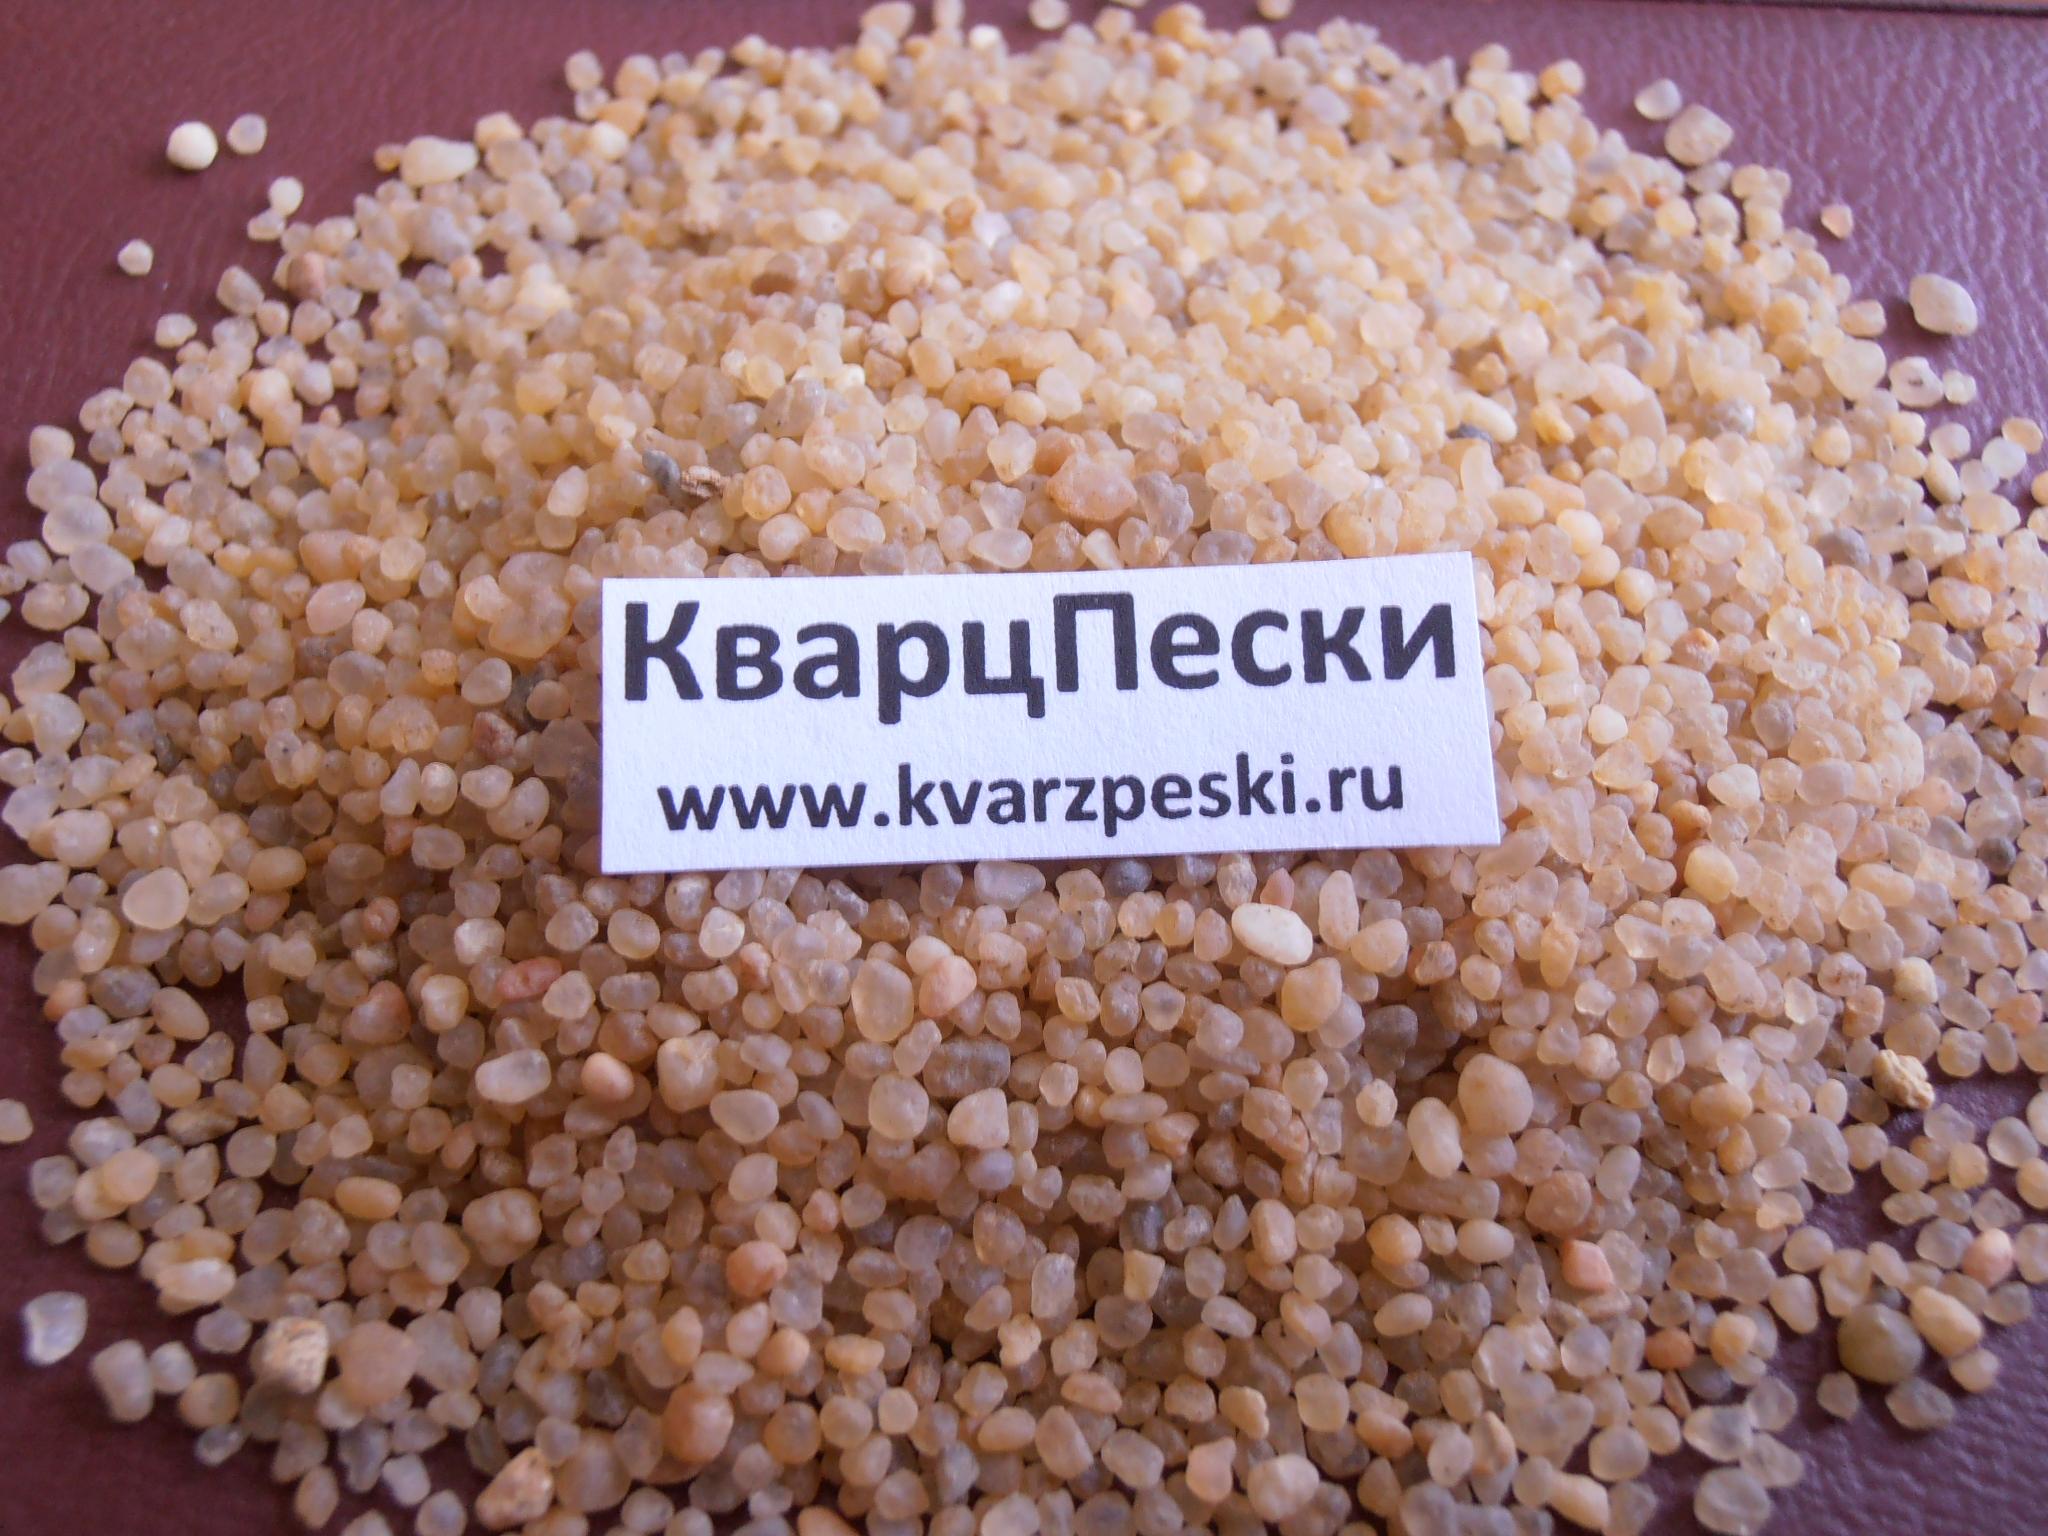 Абразив кварцевый песок цена песок строительный перевести м3 в тн